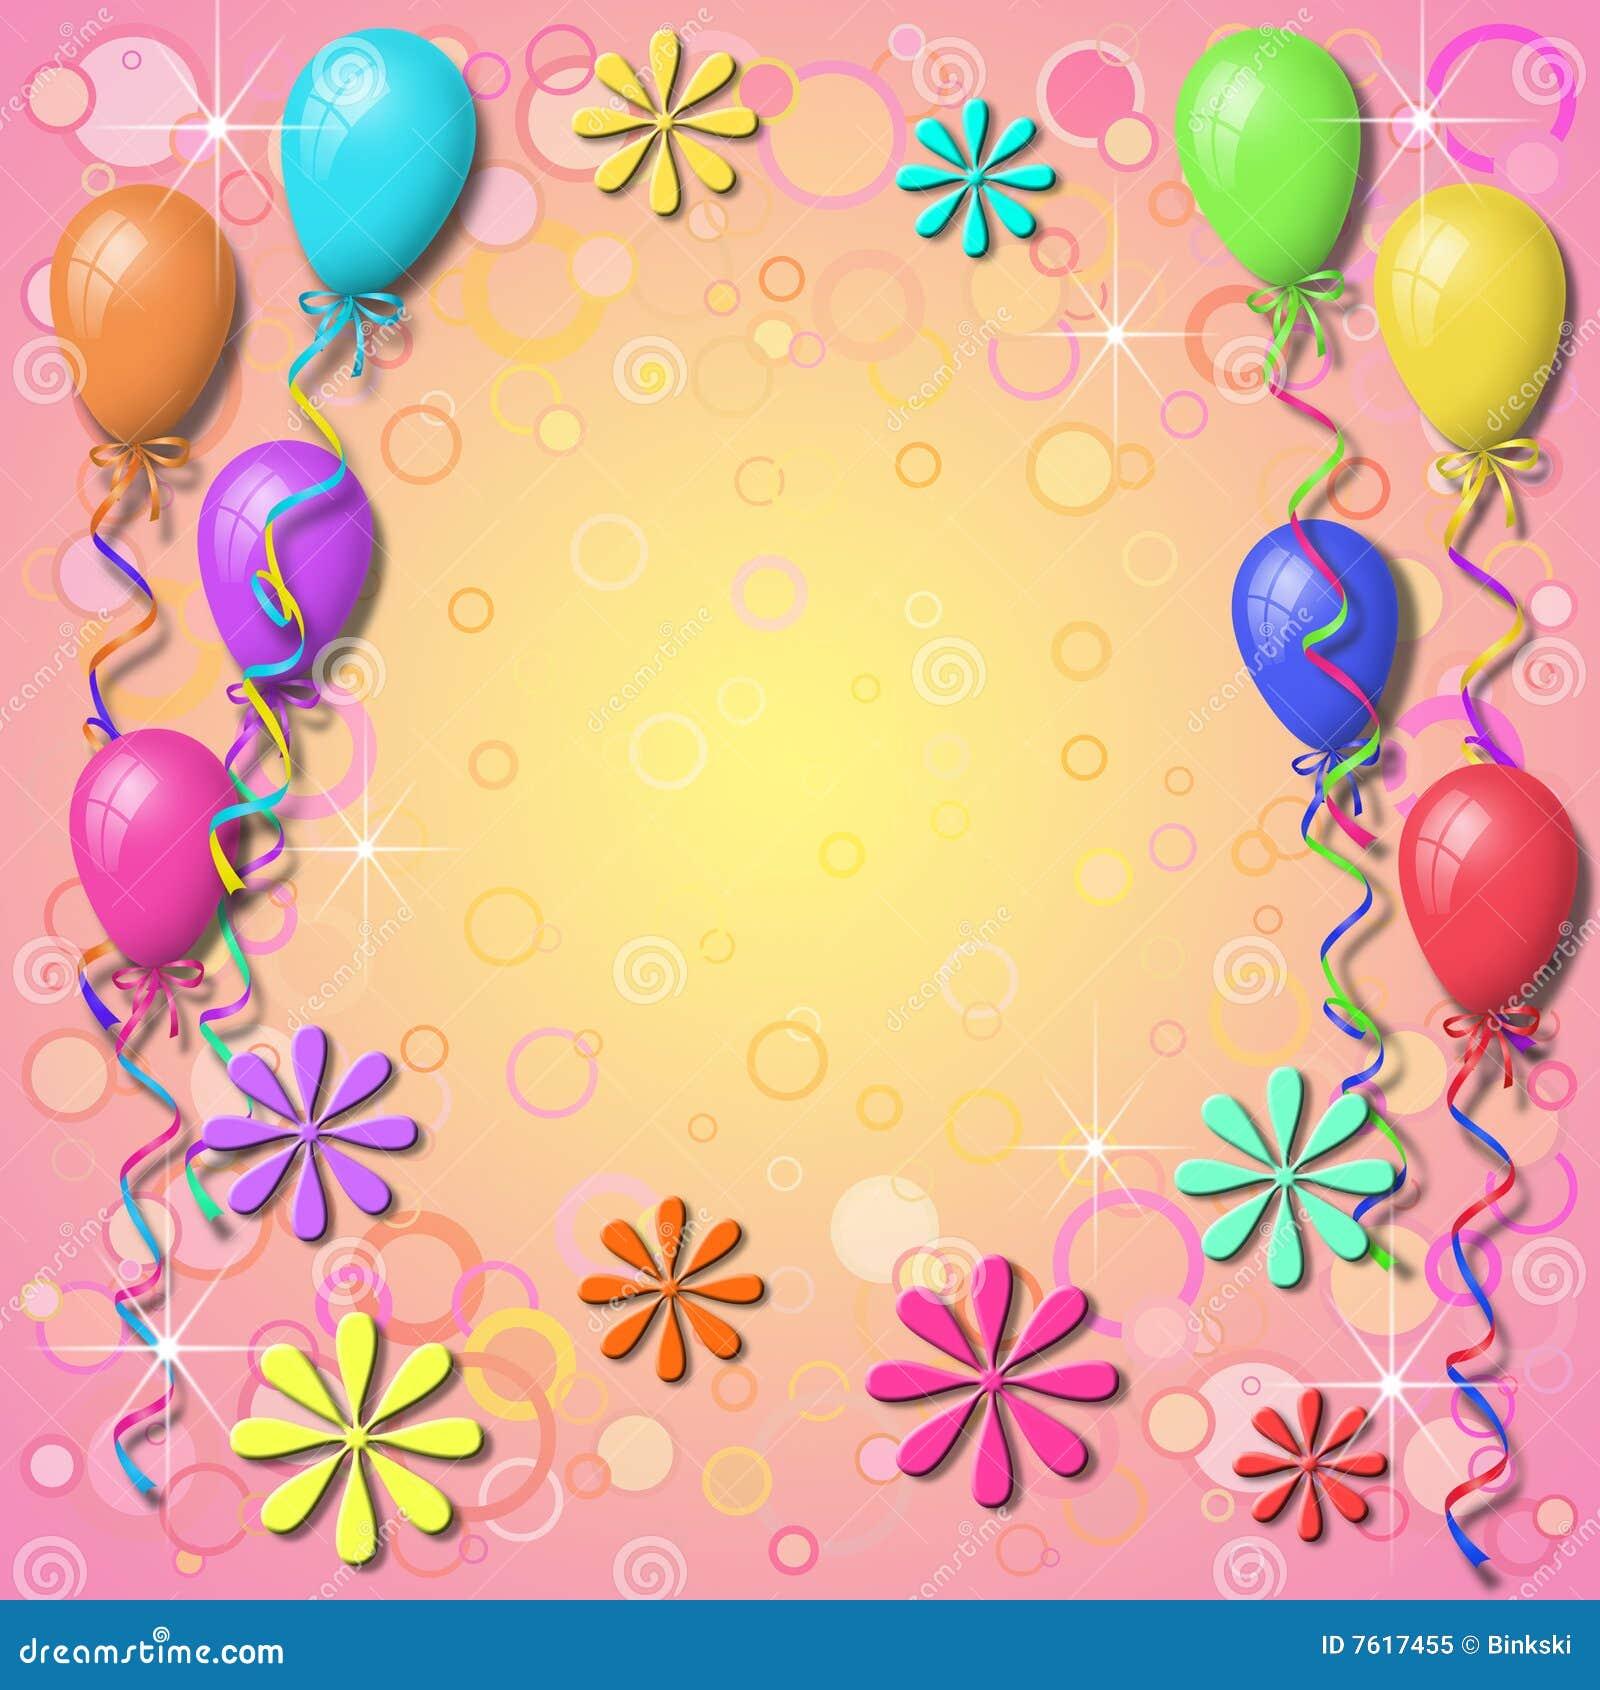 balloon background stock illustration  illustration of